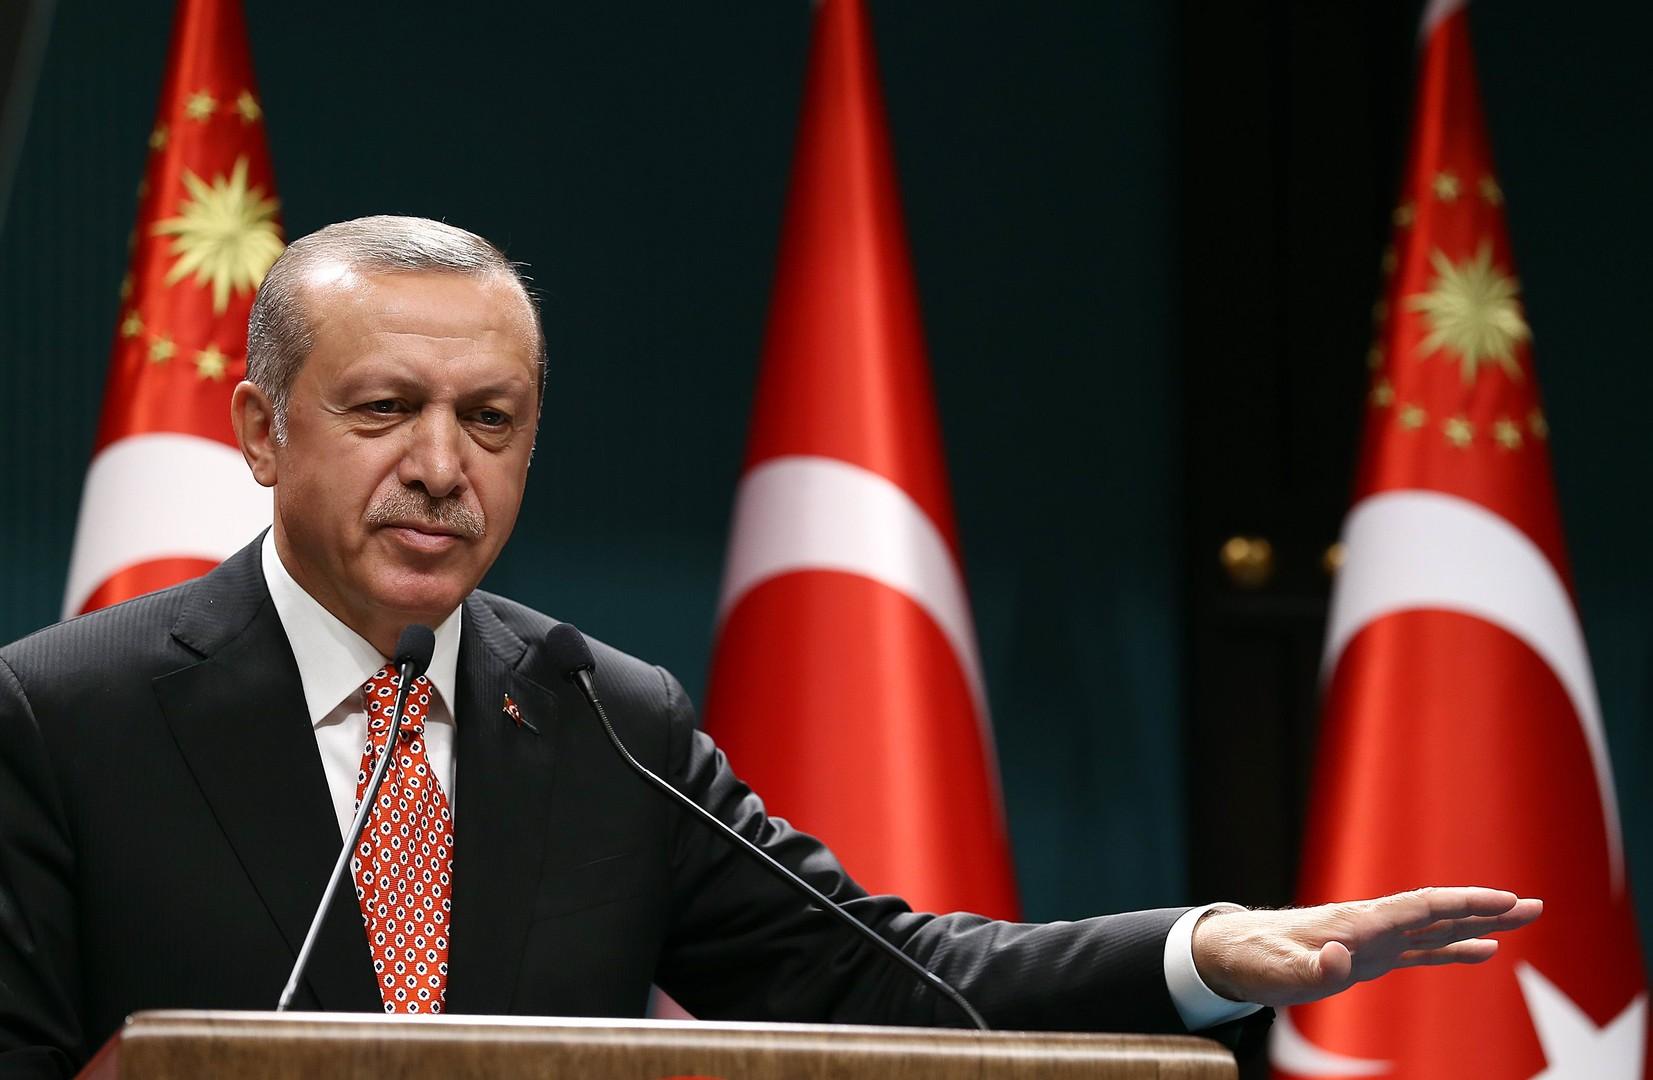 Эрдоган решил отозвать все иски об оскорблениях в свой адрес